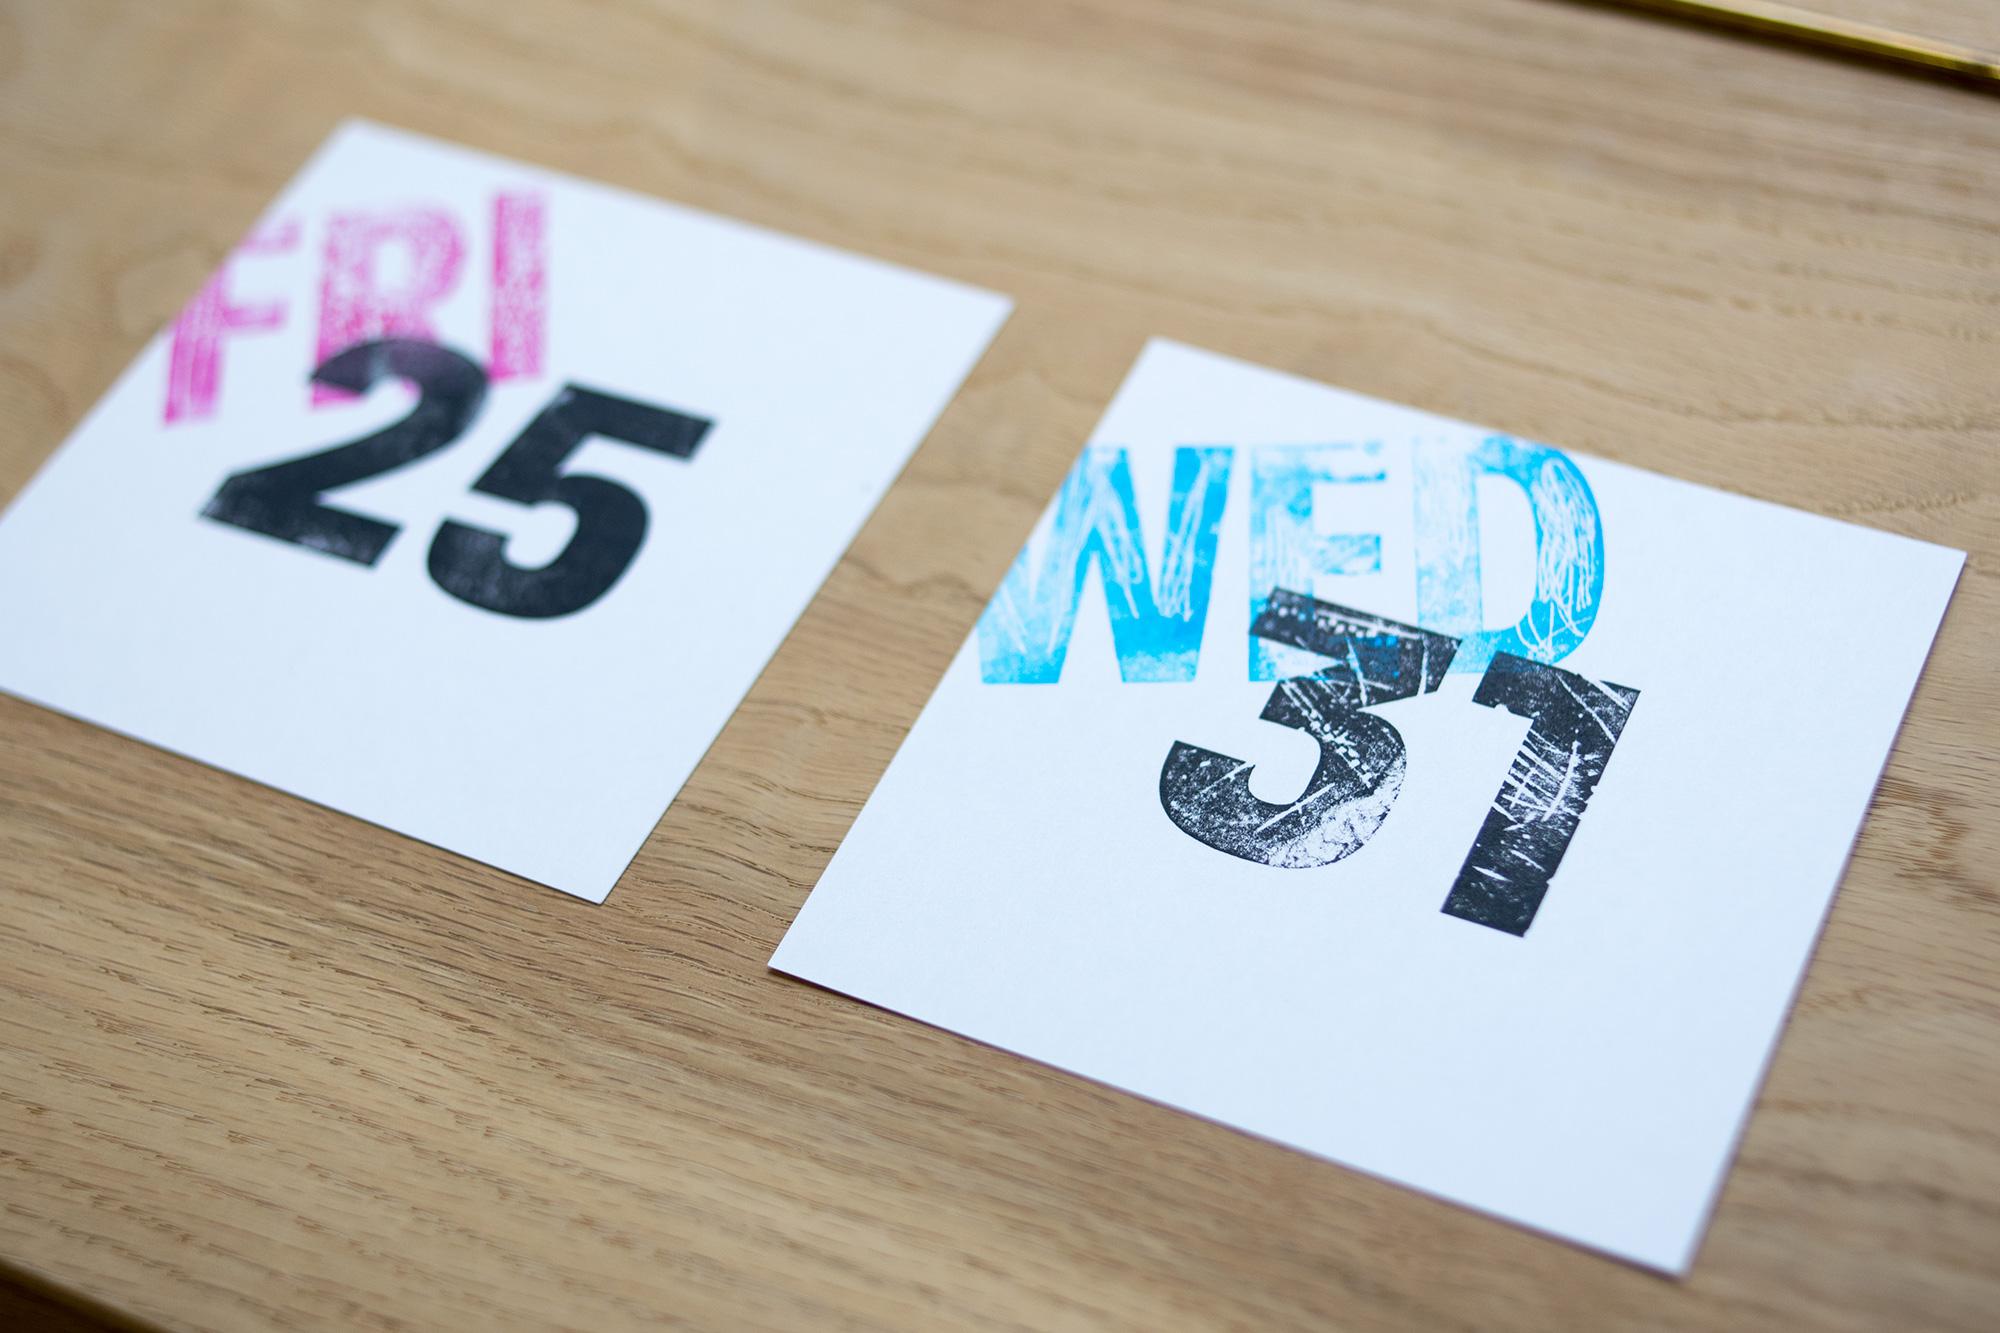 『紙で紙に刷る!?紙活字®ワークショップ』製作例